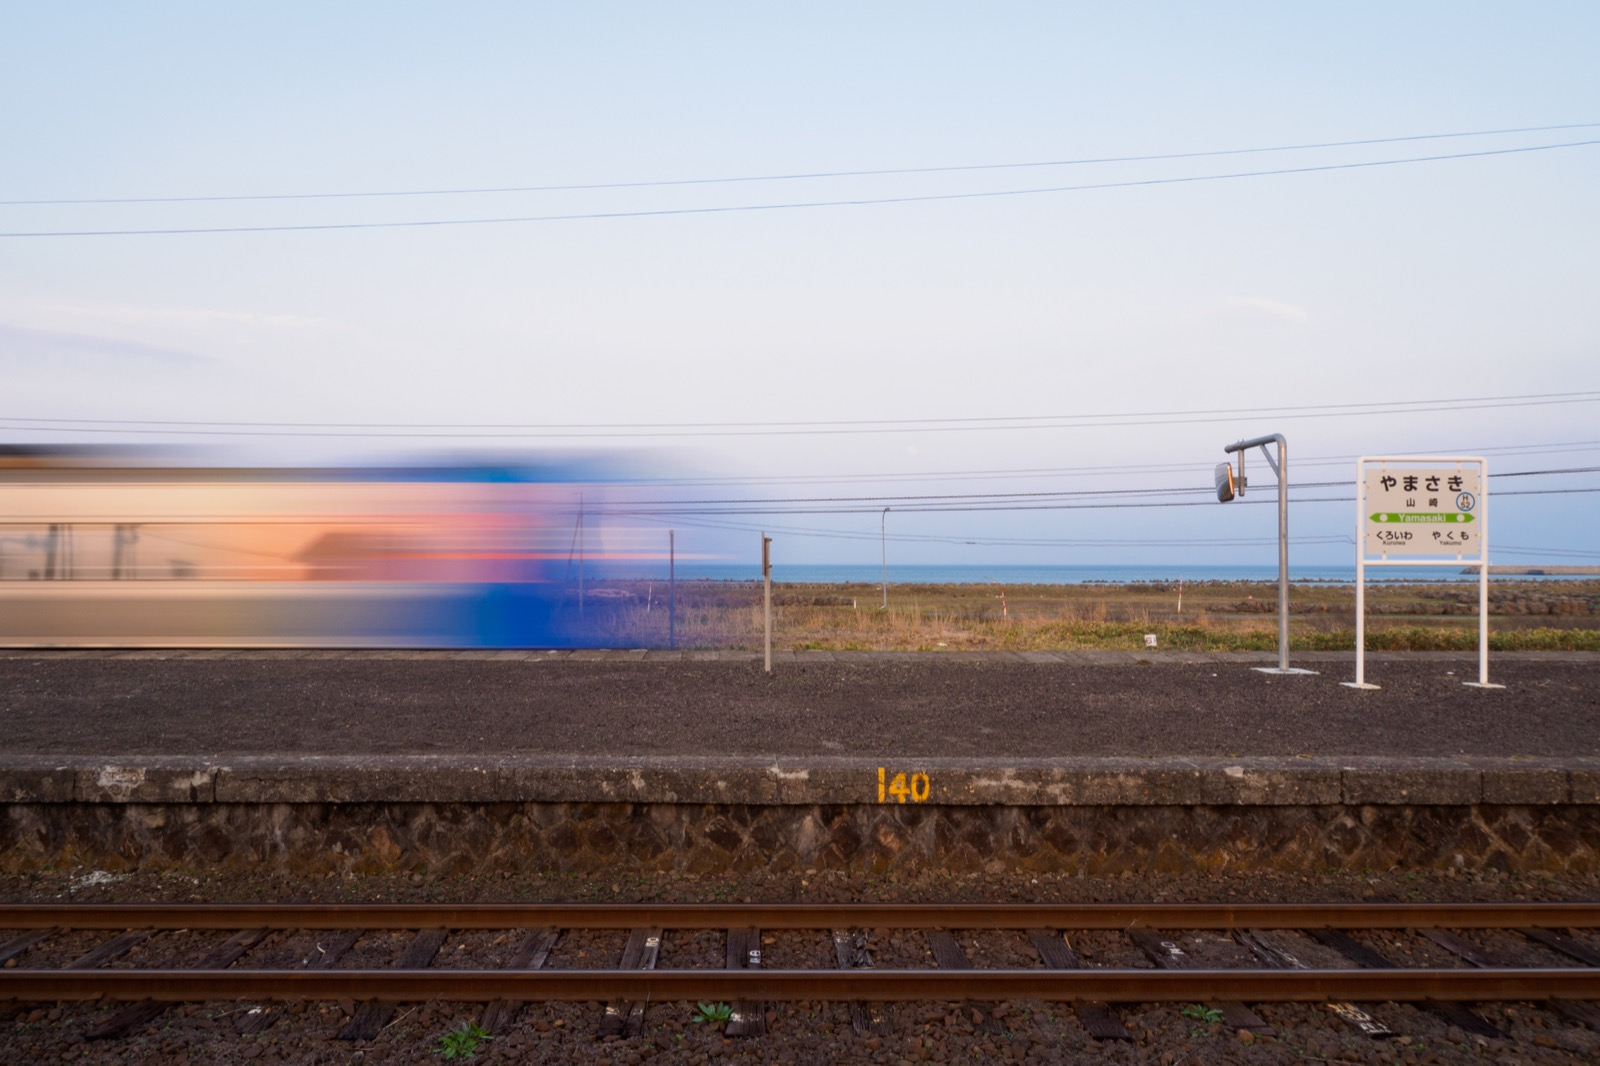 山崎駅を通過する特急「スーパー北斗」